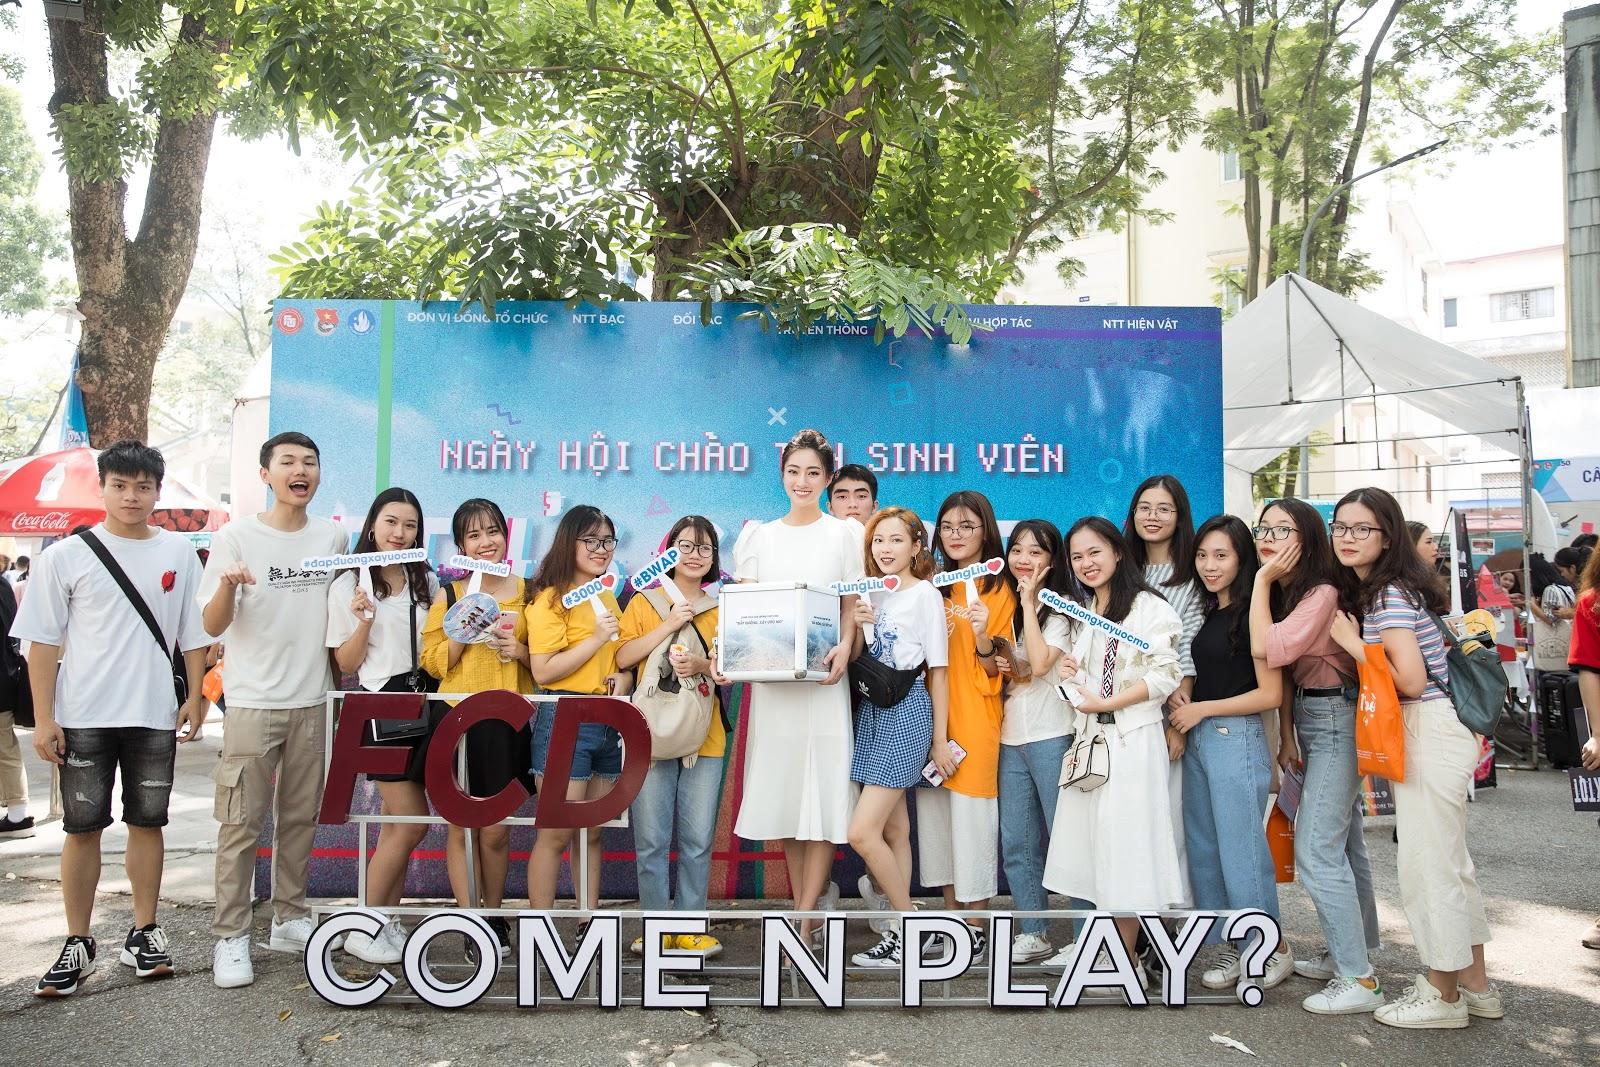 Đích thân ôm thùng tiền kêu gọi quyên góp, Hoa hậu Lương Thuỳ Linh quyết tâm hoàn thành dự án nhân ái - Hình 2